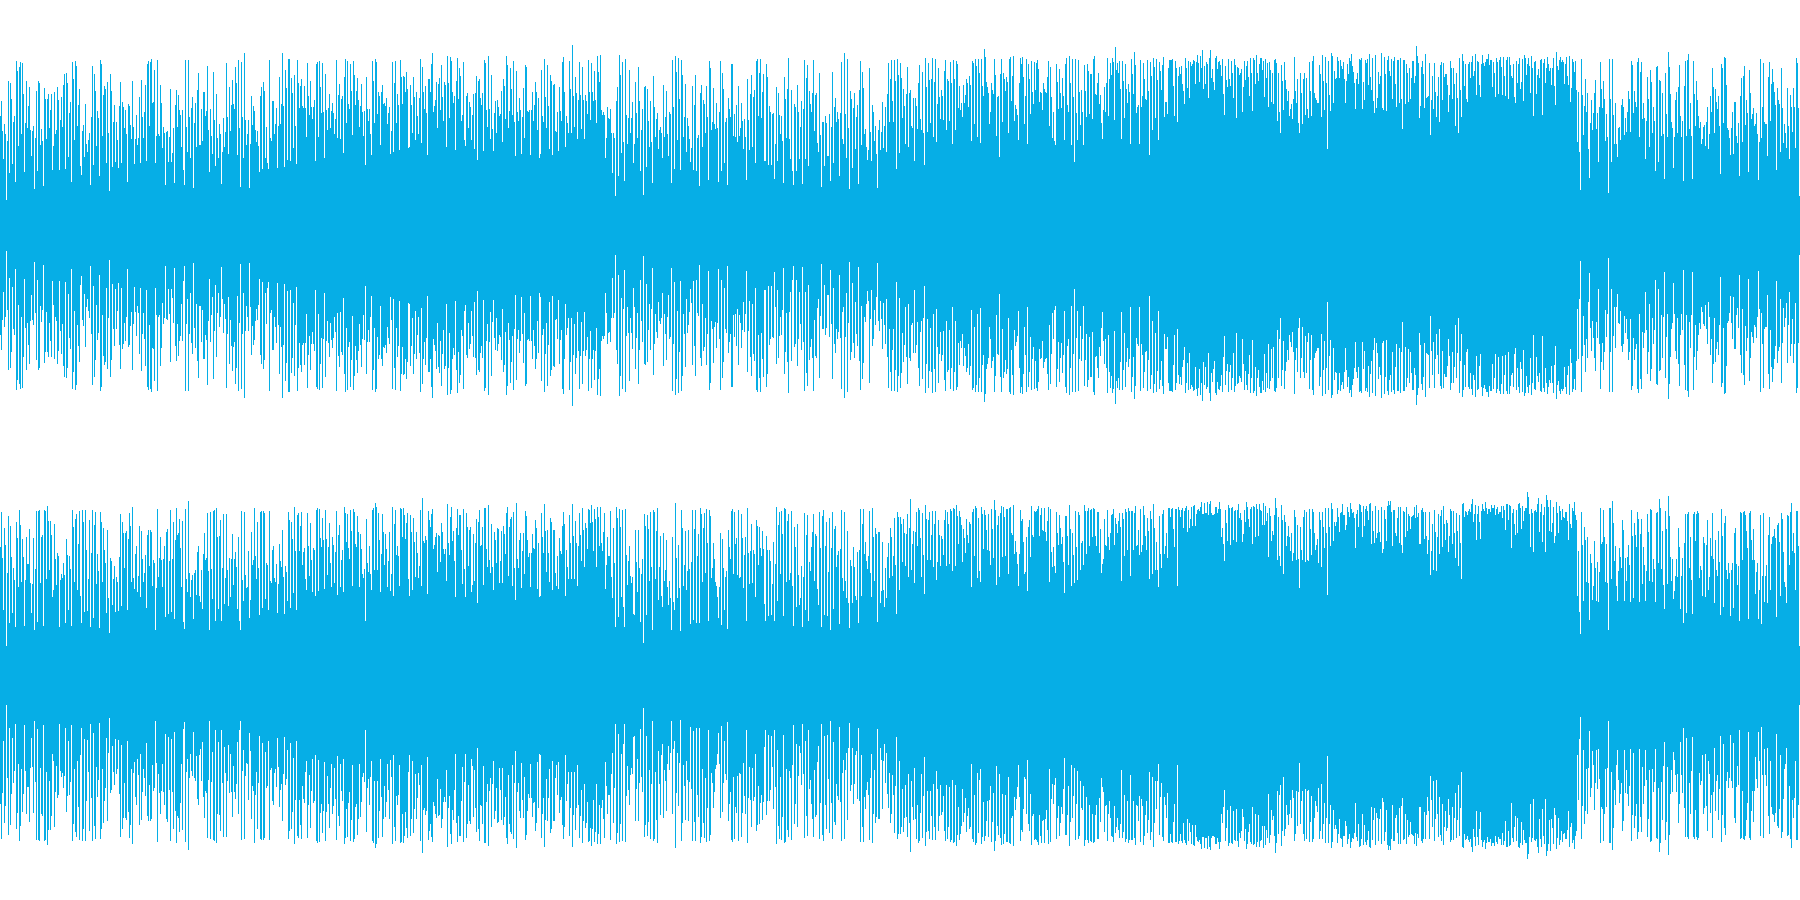 アクション向きなシリアスチップチューンの再生済みの波形